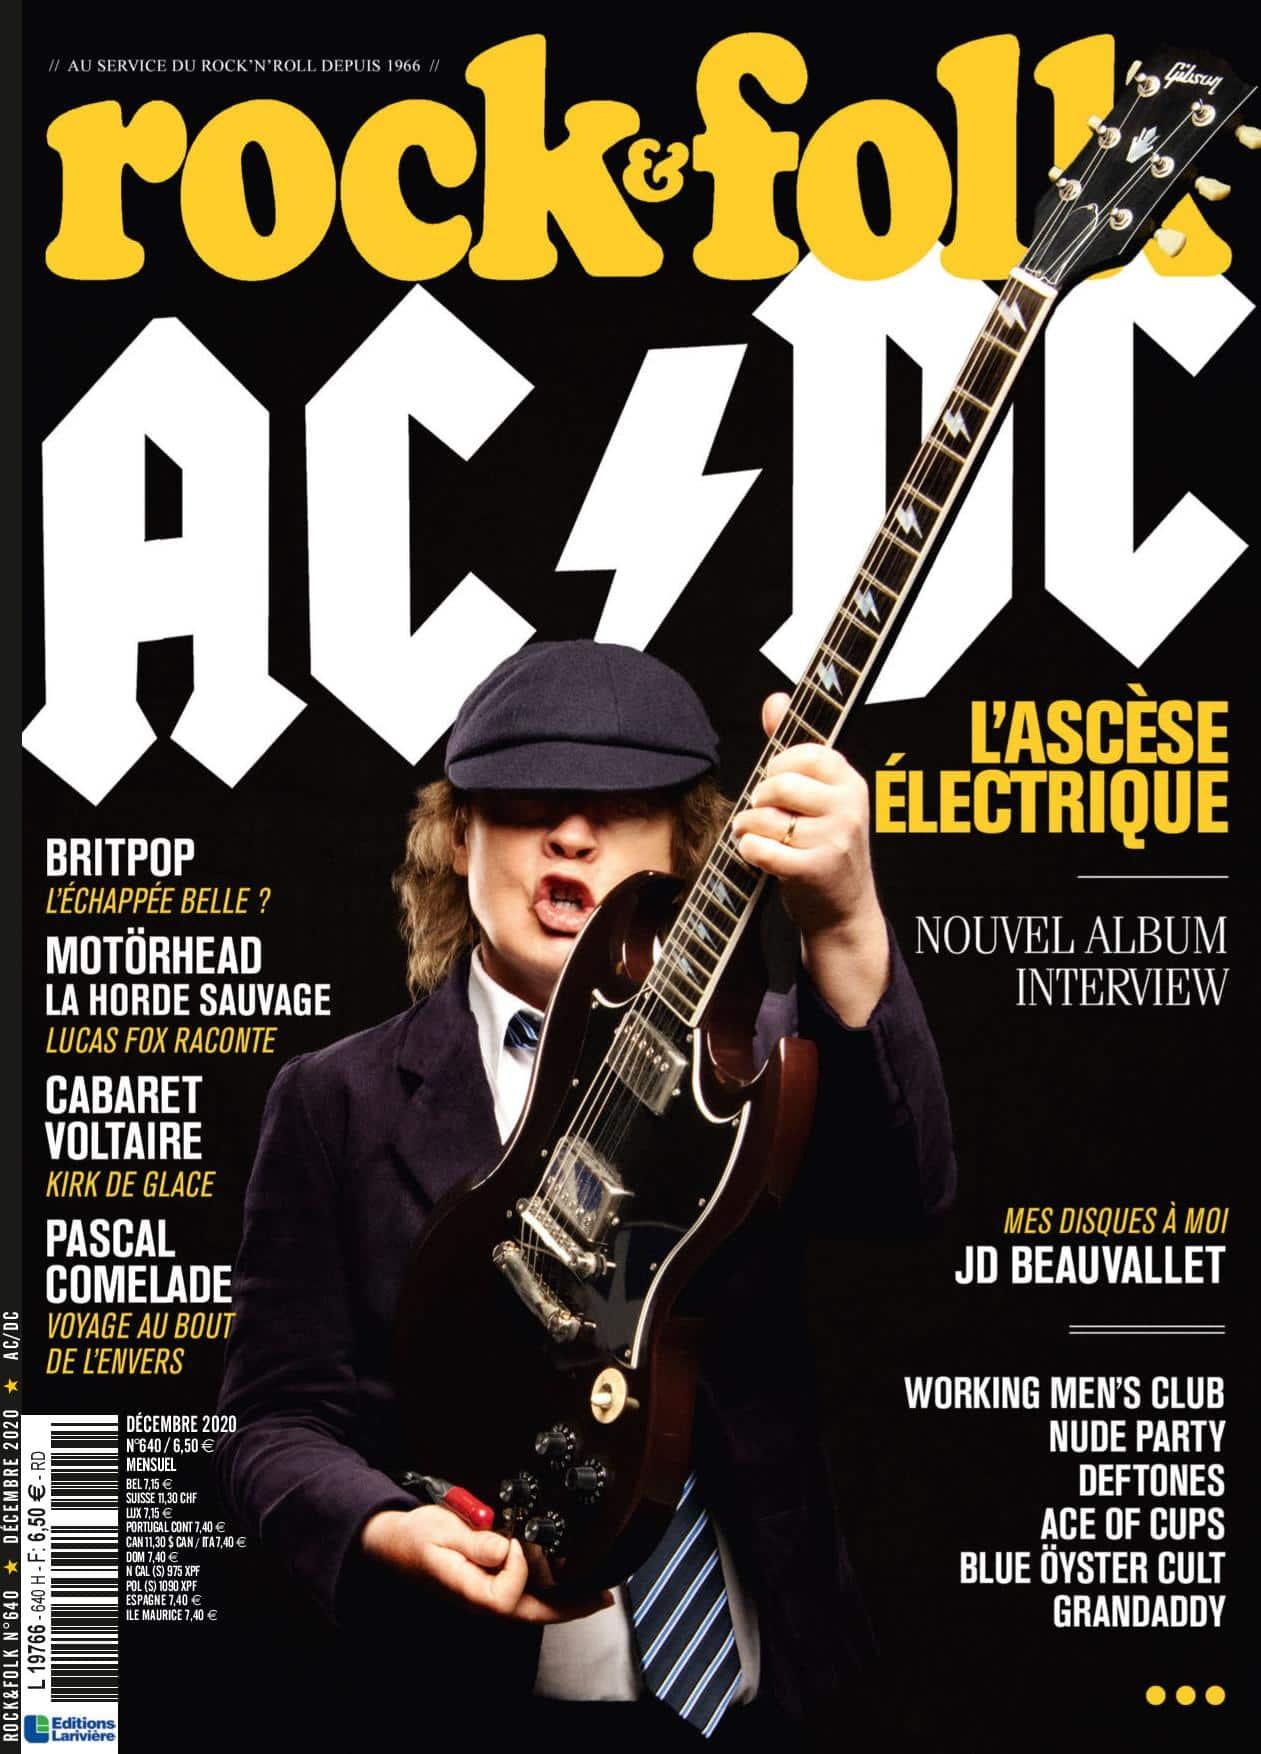 ROCK'N'FOLK n°640 Décembre 2020 (AC/DC en couverture) Rocknf10